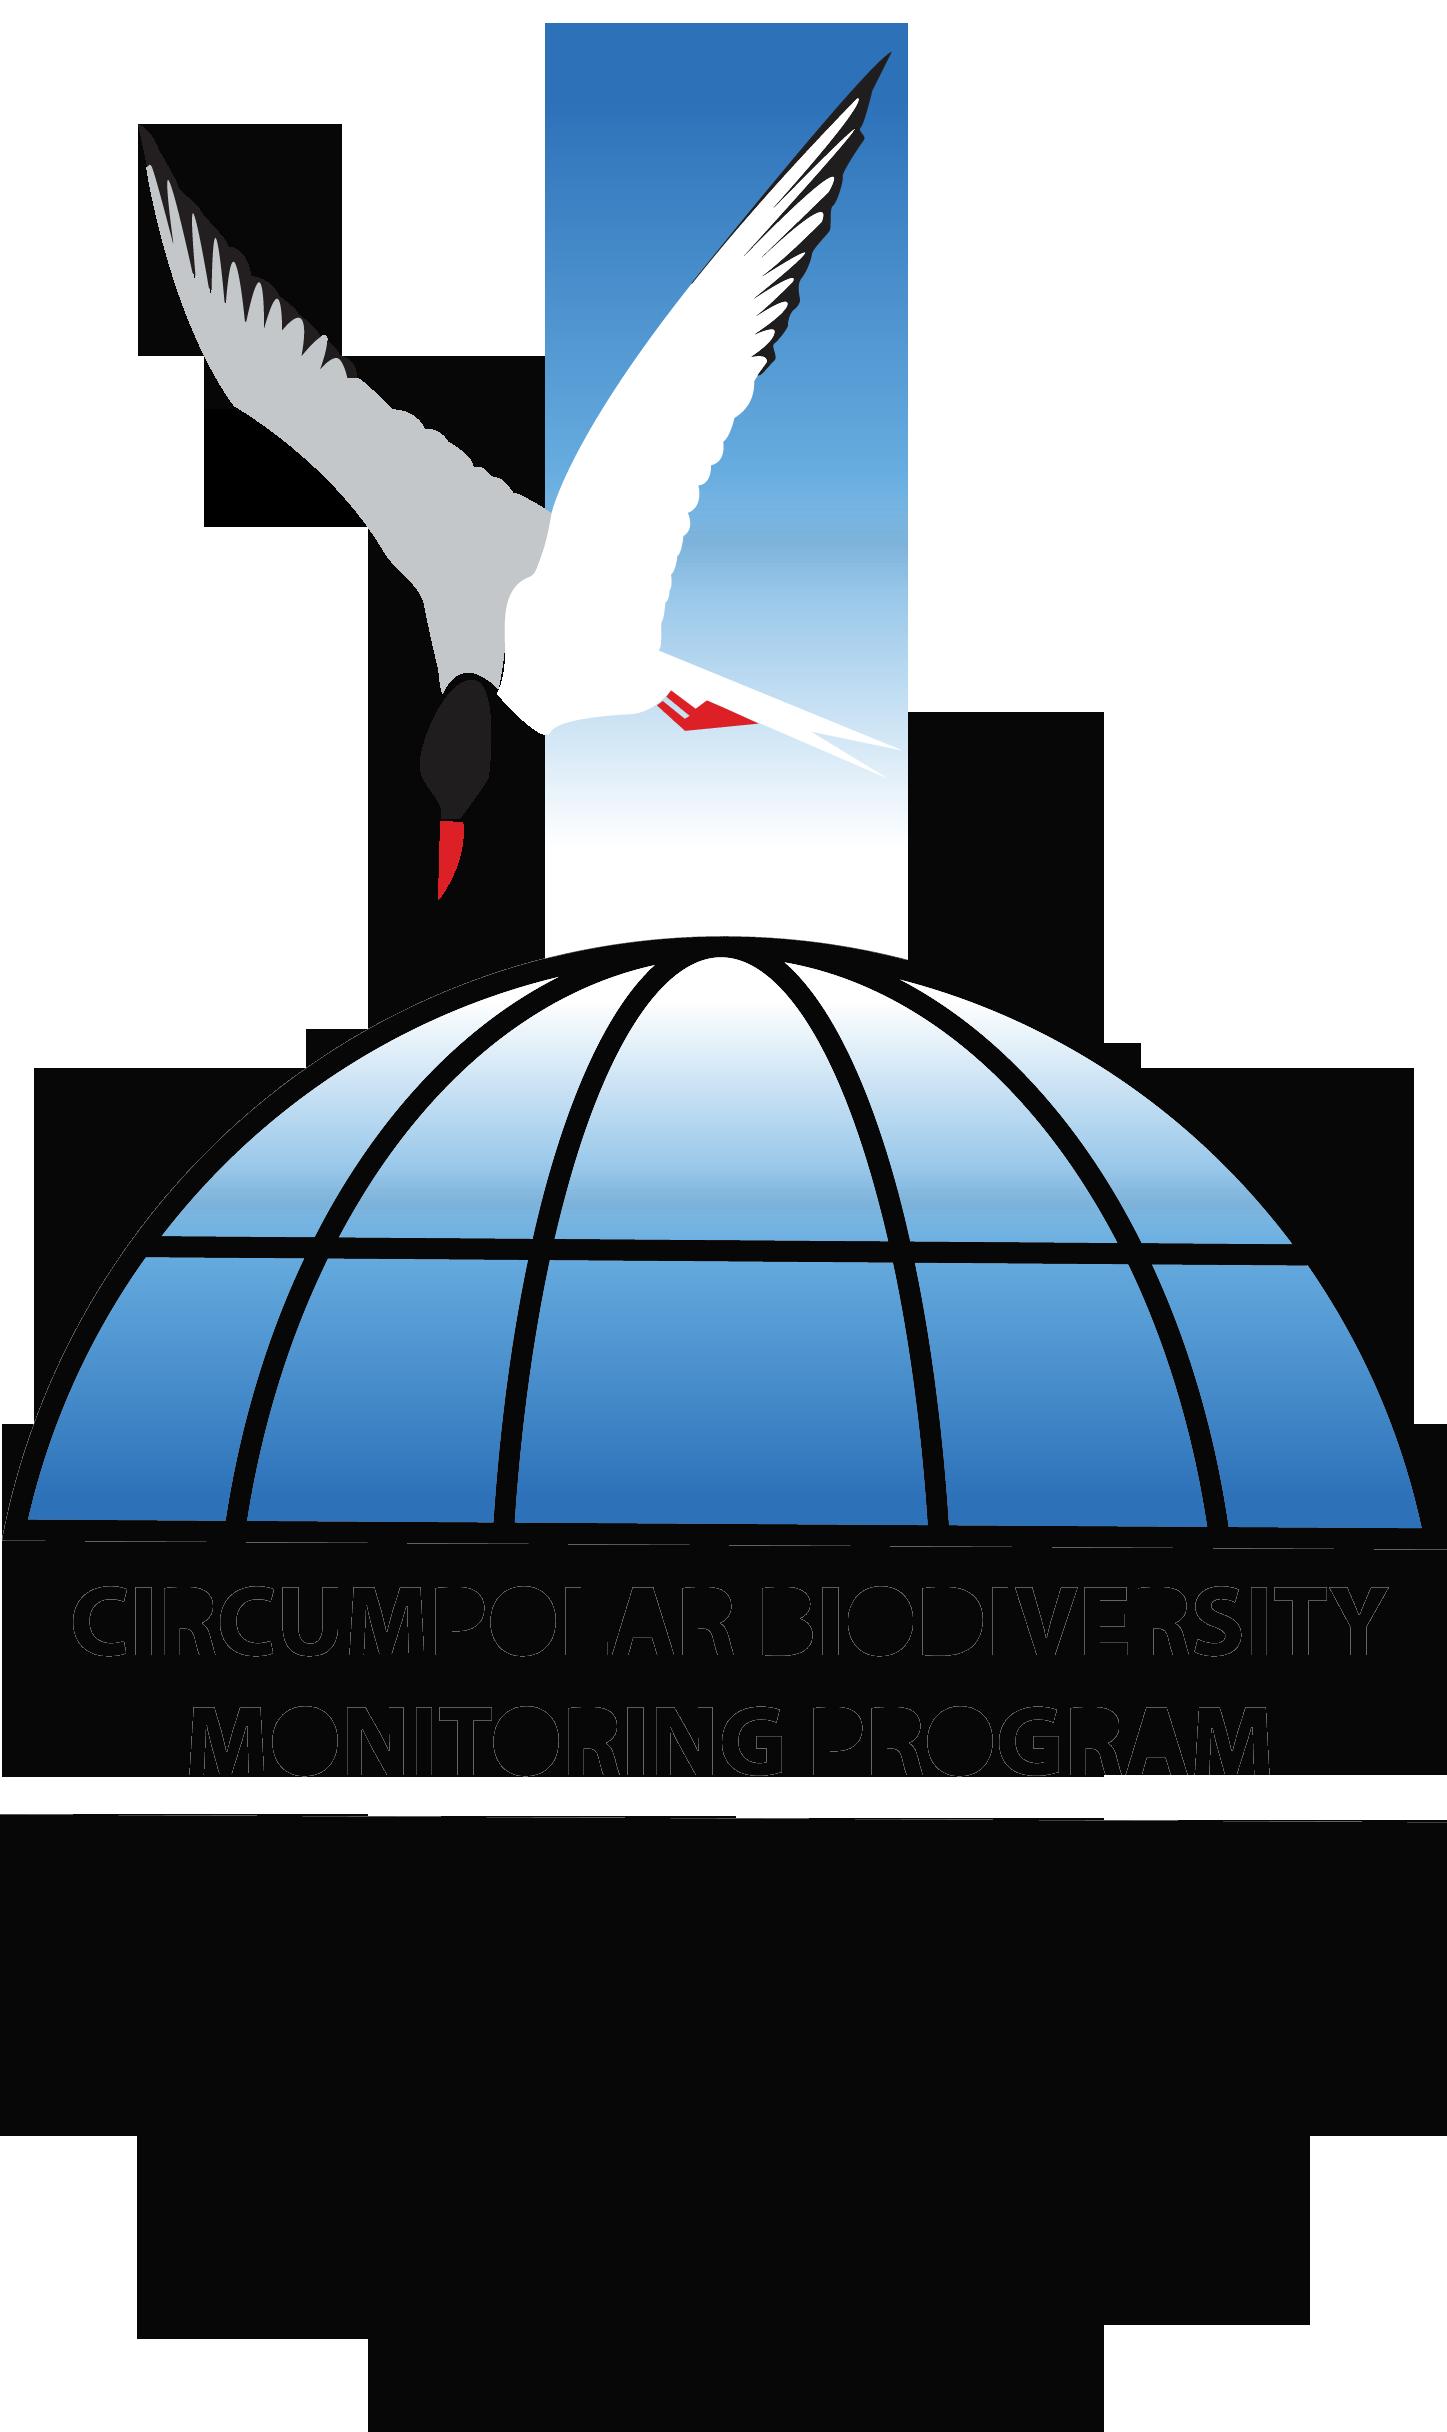 logo for Circumpolar Biodiversity Monitoring Program